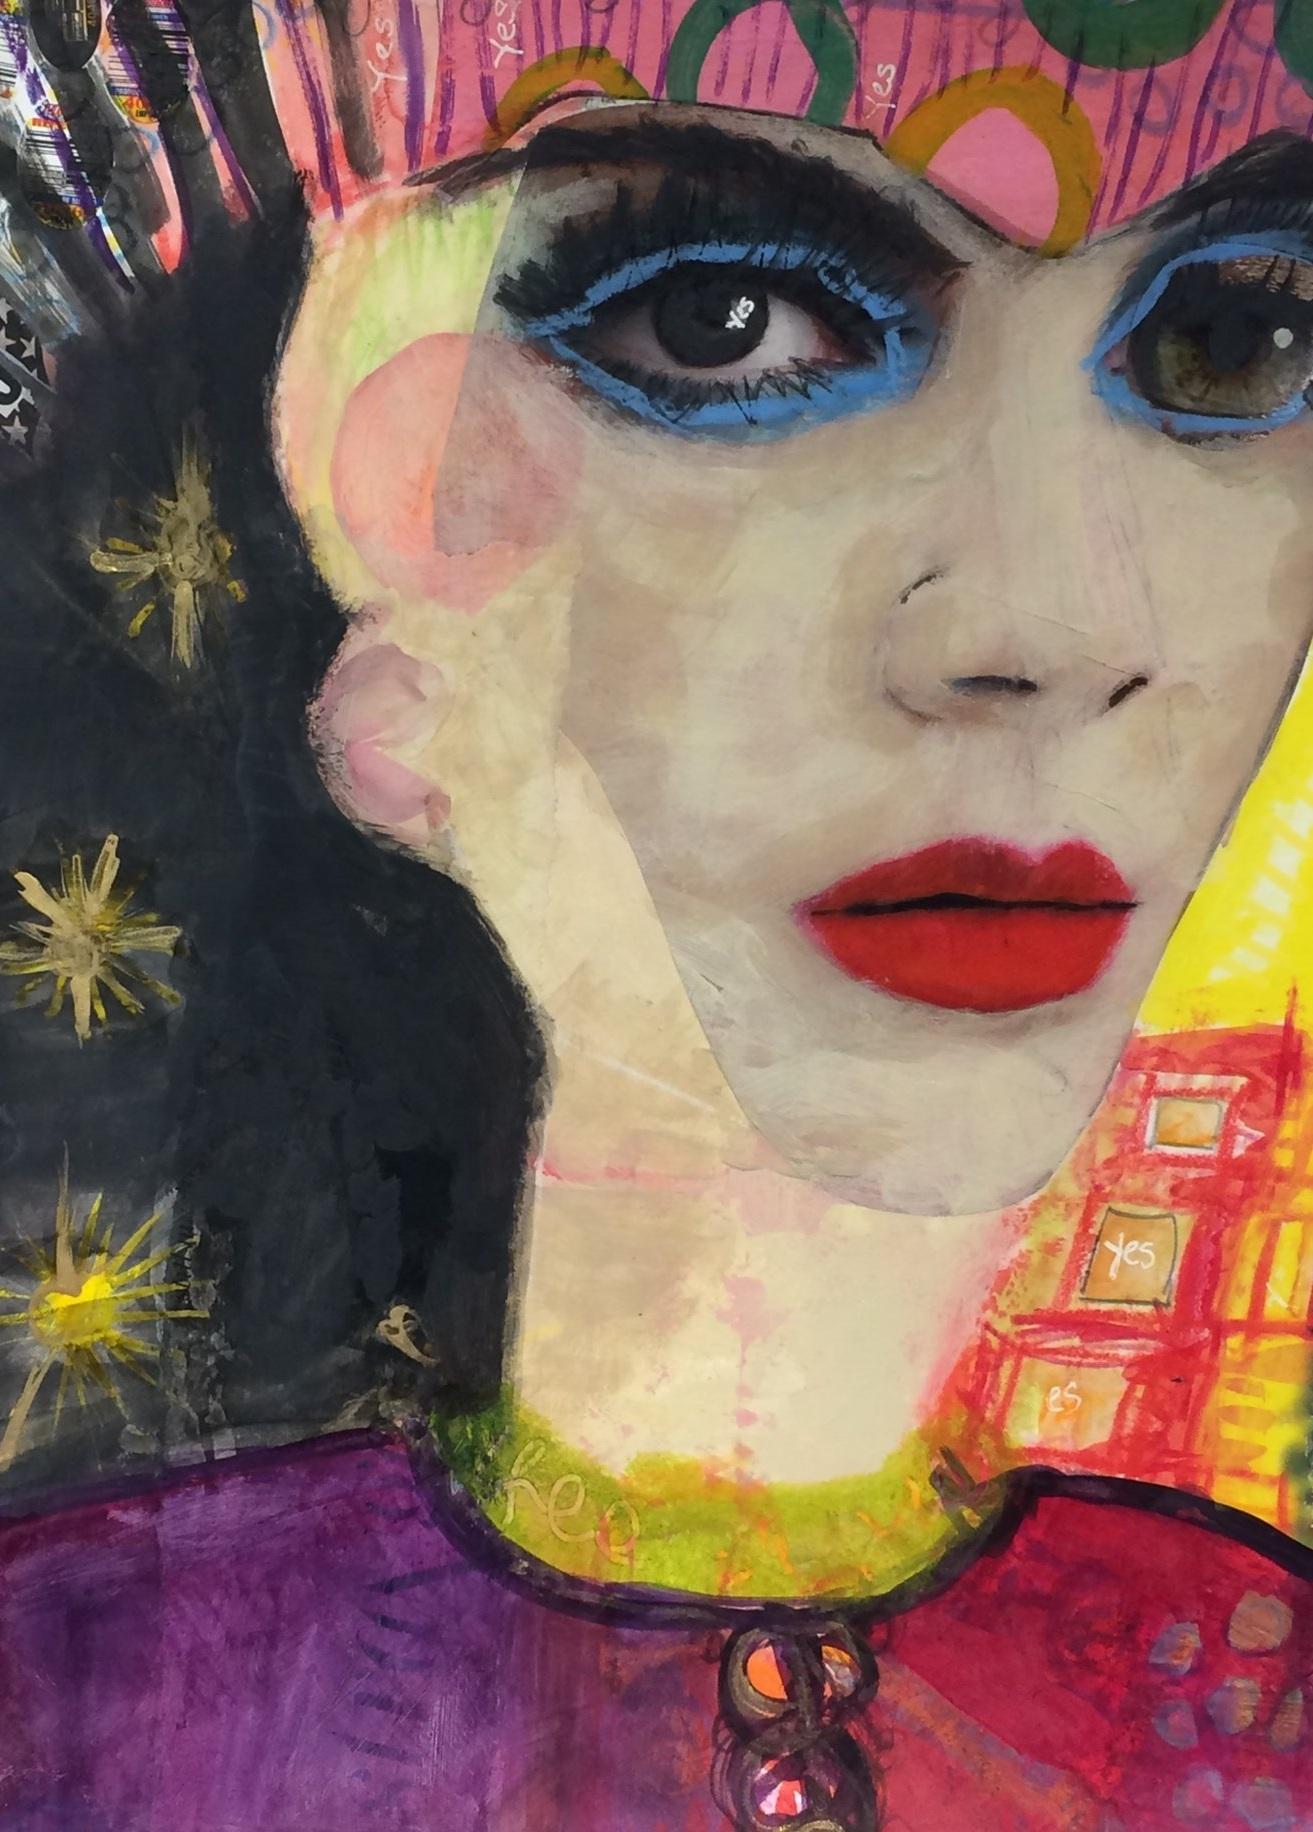 Art by Fierce Sonia